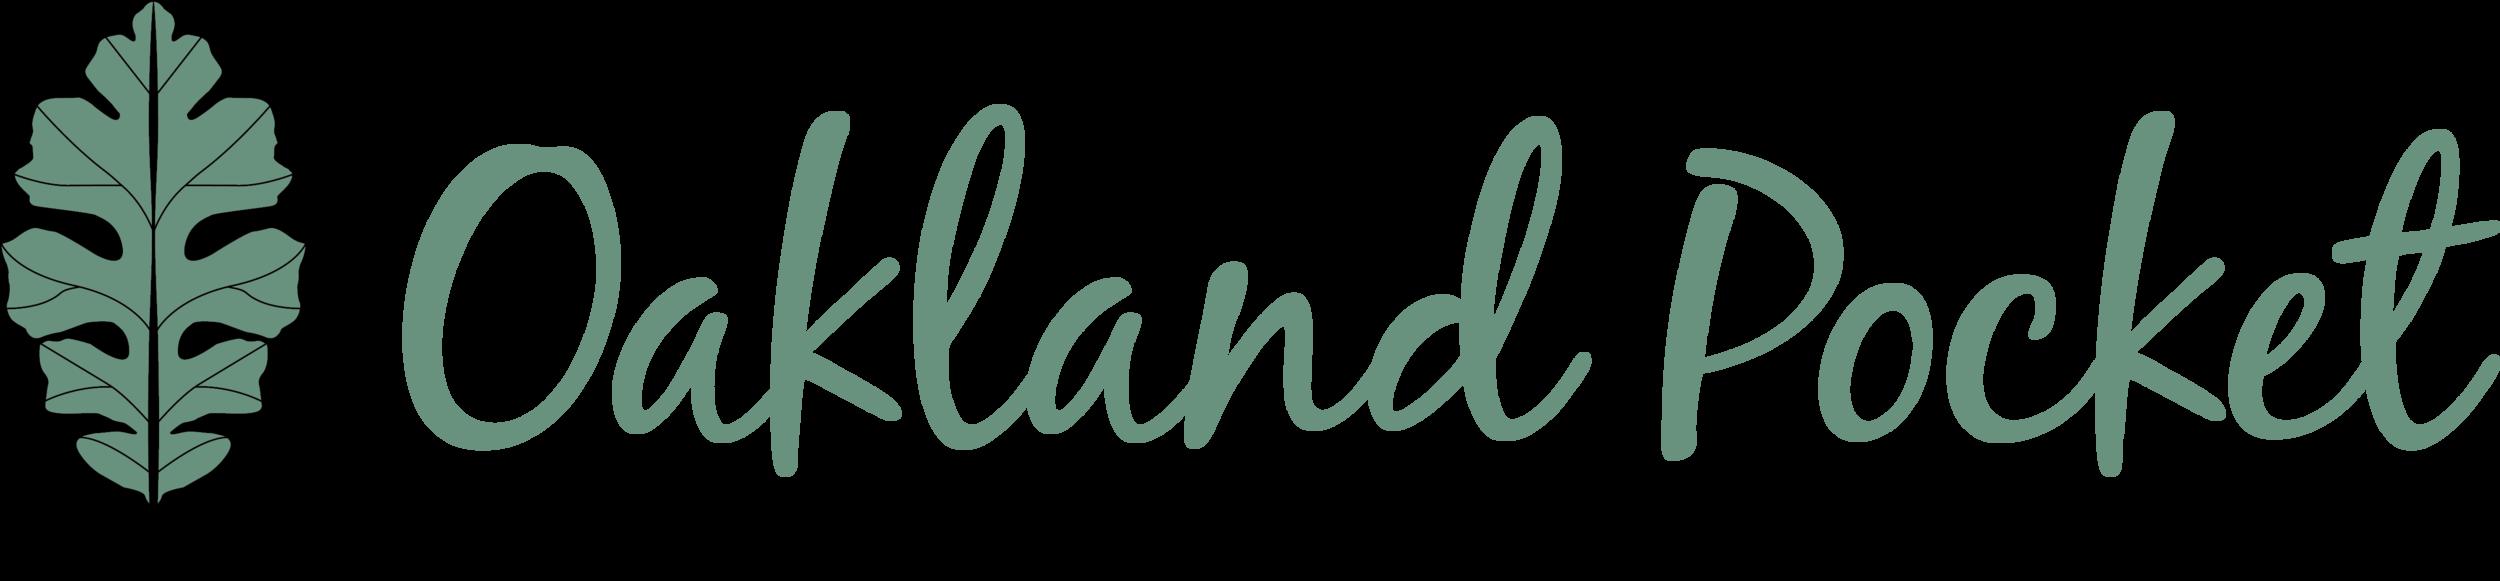 Oakland Pocket Logo.png